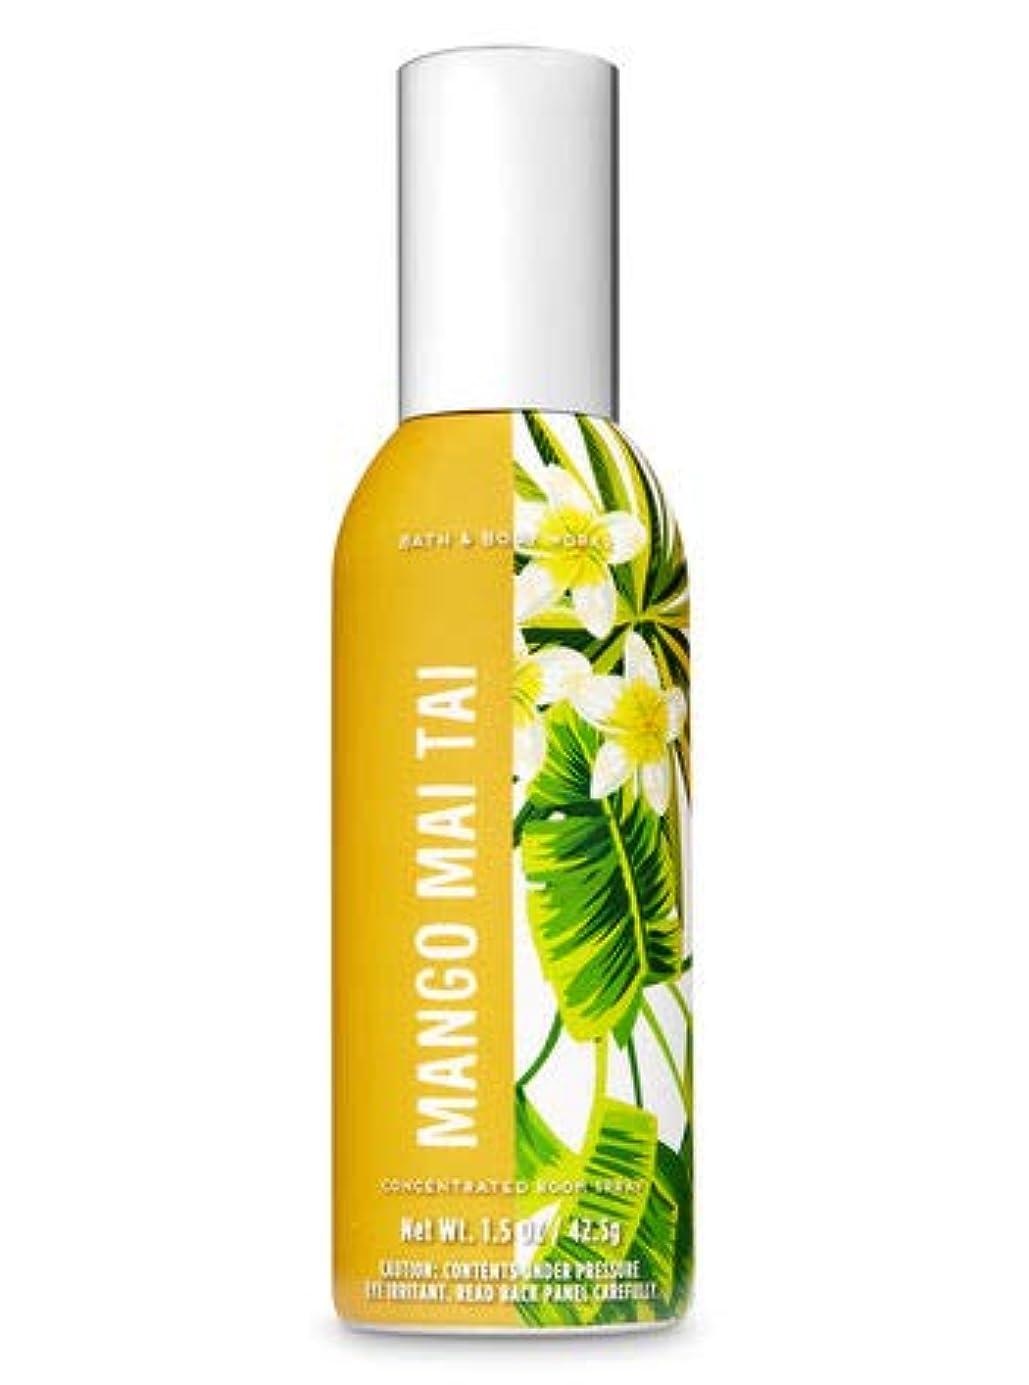 確保する折る実際【Bath&Body Works/バス&ボディワークス】 ルームスプレー マンゴーマイタイ 1.5 oz. Concentrated Room Spray/Room Perfume Mango Mai Tai [並行輸入品]